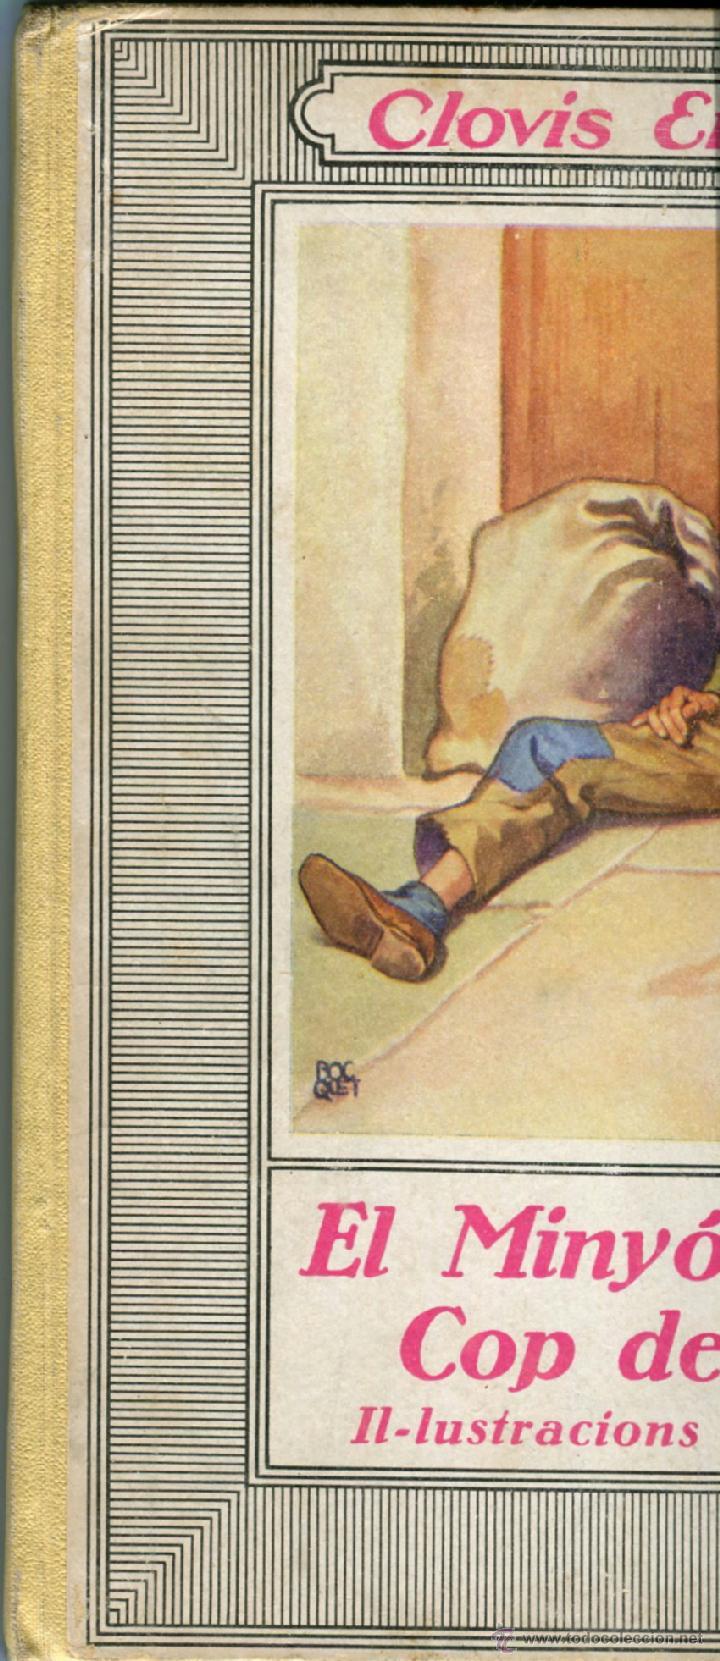 Libros antiguos: EL MINYO DEL COP DE PUNY ILUSTRACIONES DE OPISSO 1ª ED. 1934 BUEN ESTADO VER INFORMACION DETALLADA - Foto 3 - 41622798